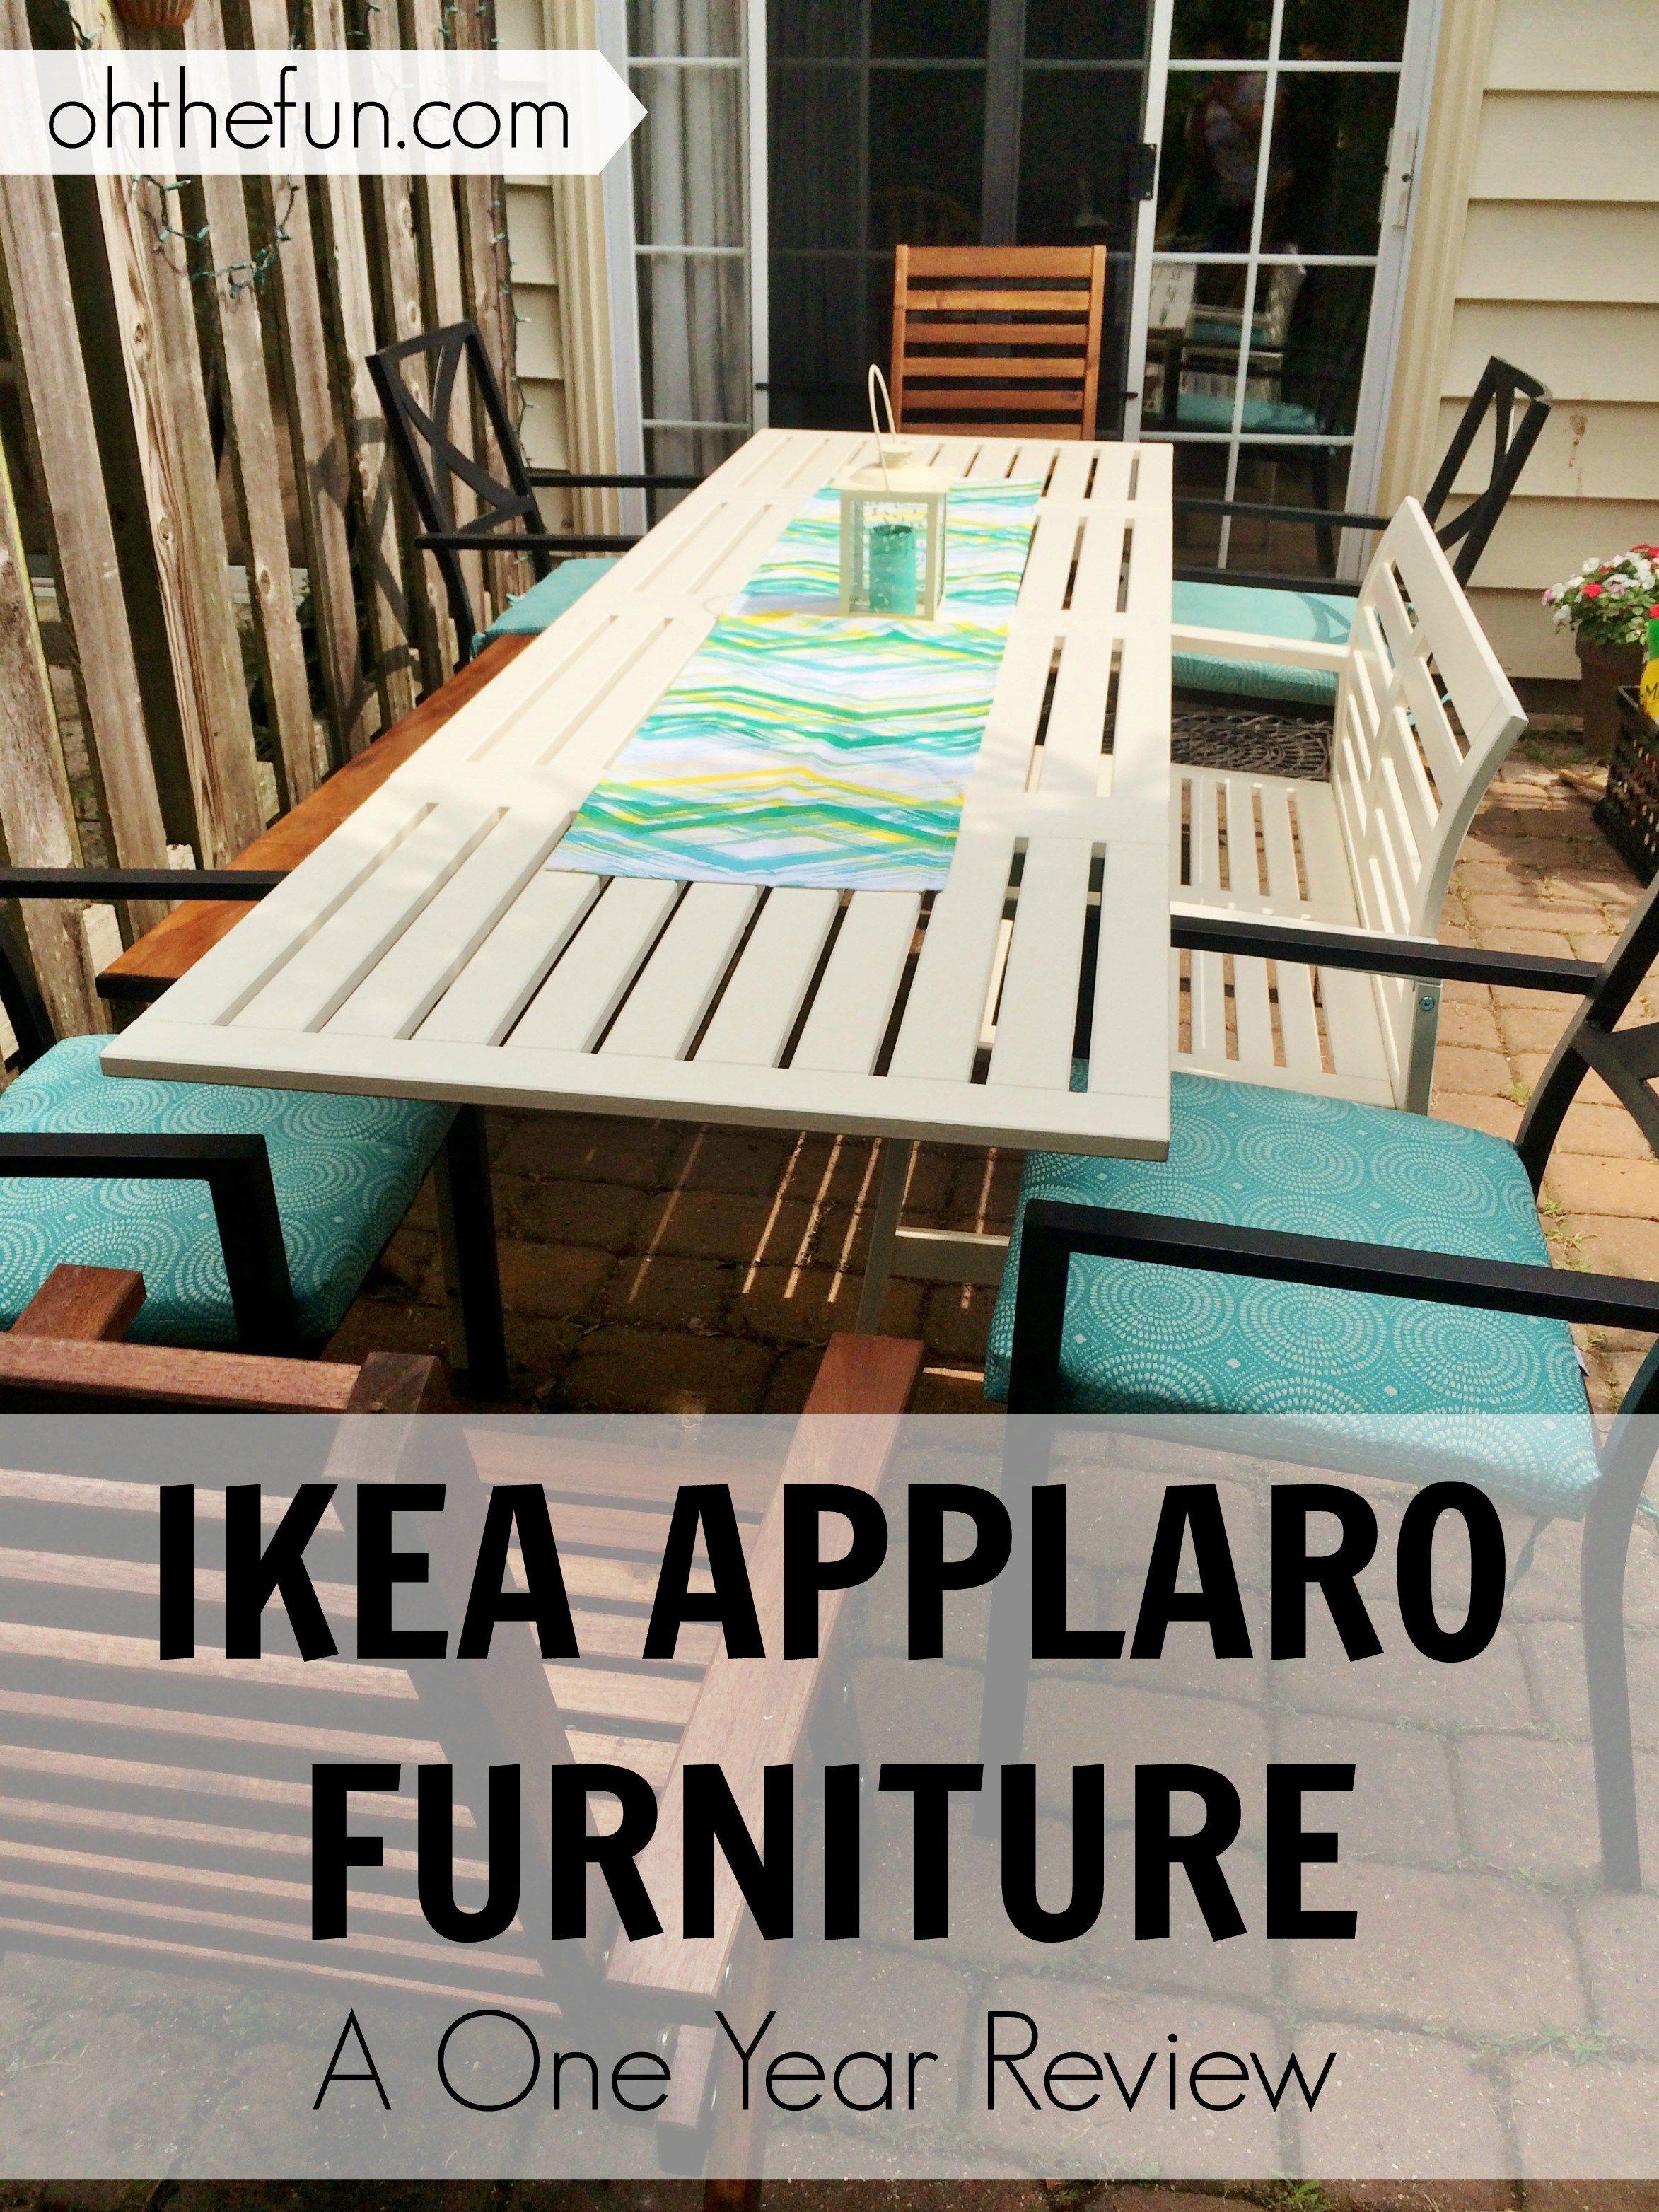 Ikea Applaro Furniture- A One Year Review  Ikea applaro